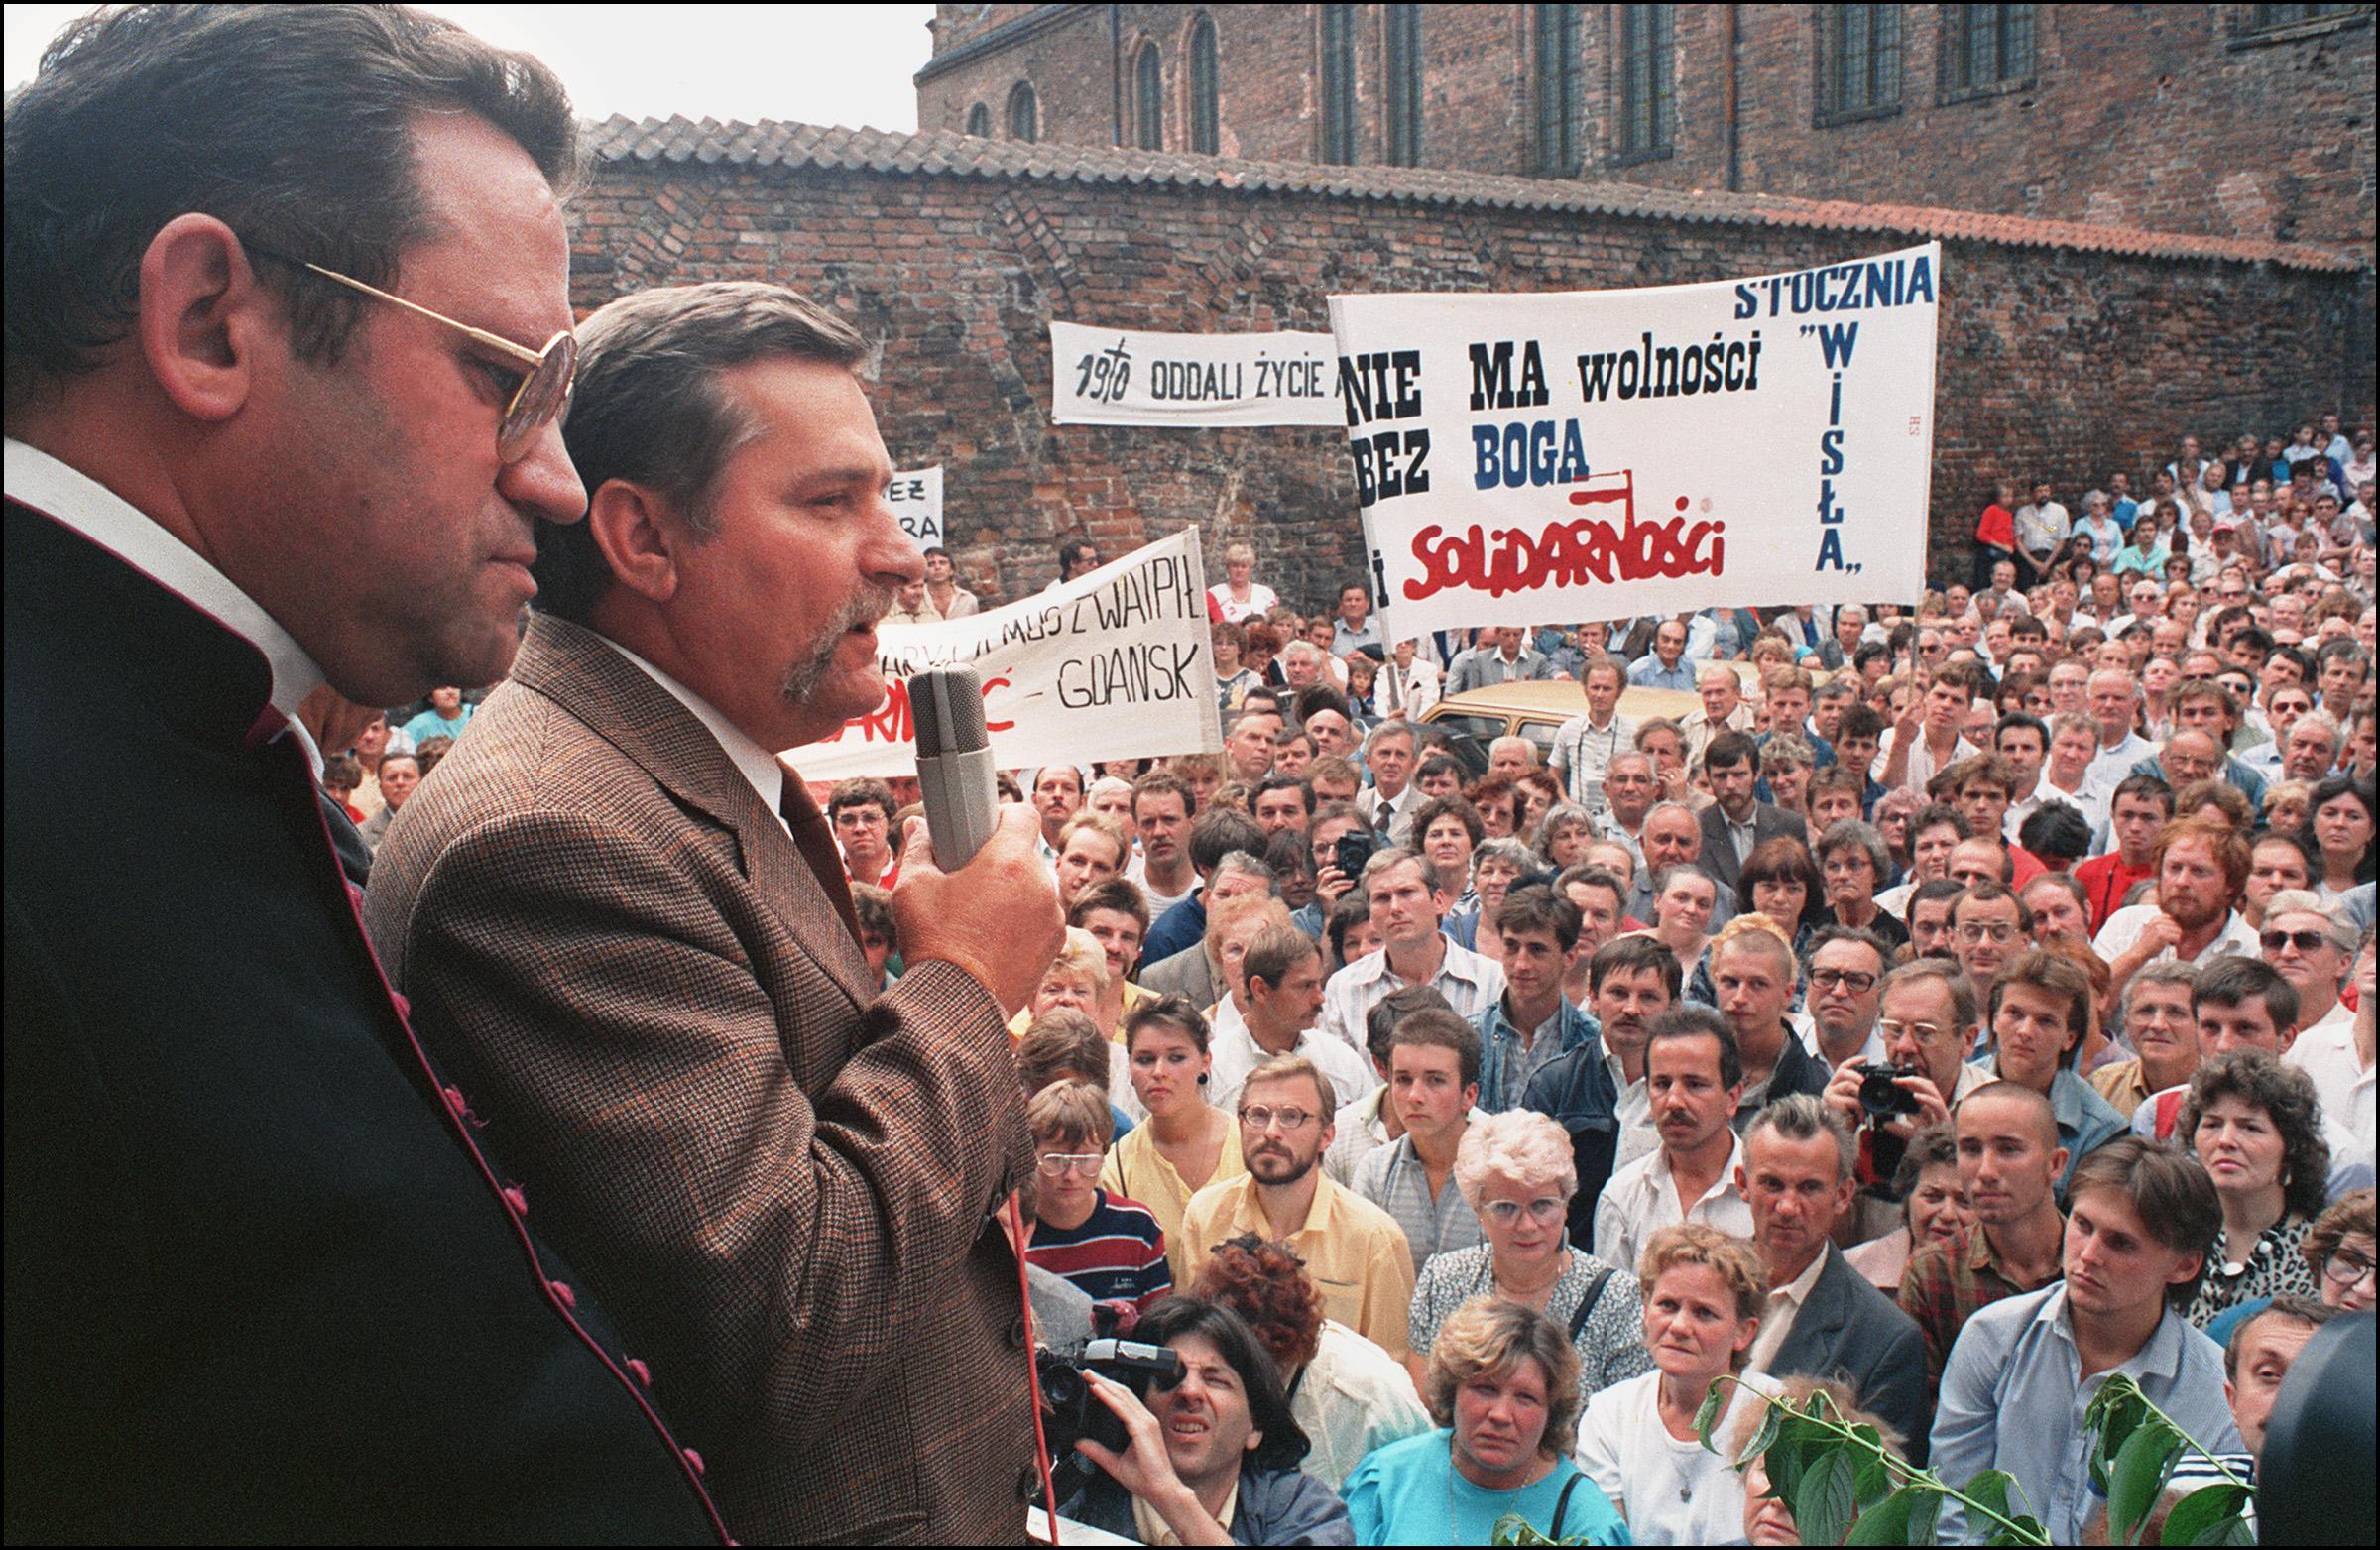 Lech Walesa and Henryk Jankowski address a large crowd of shipyard workers.